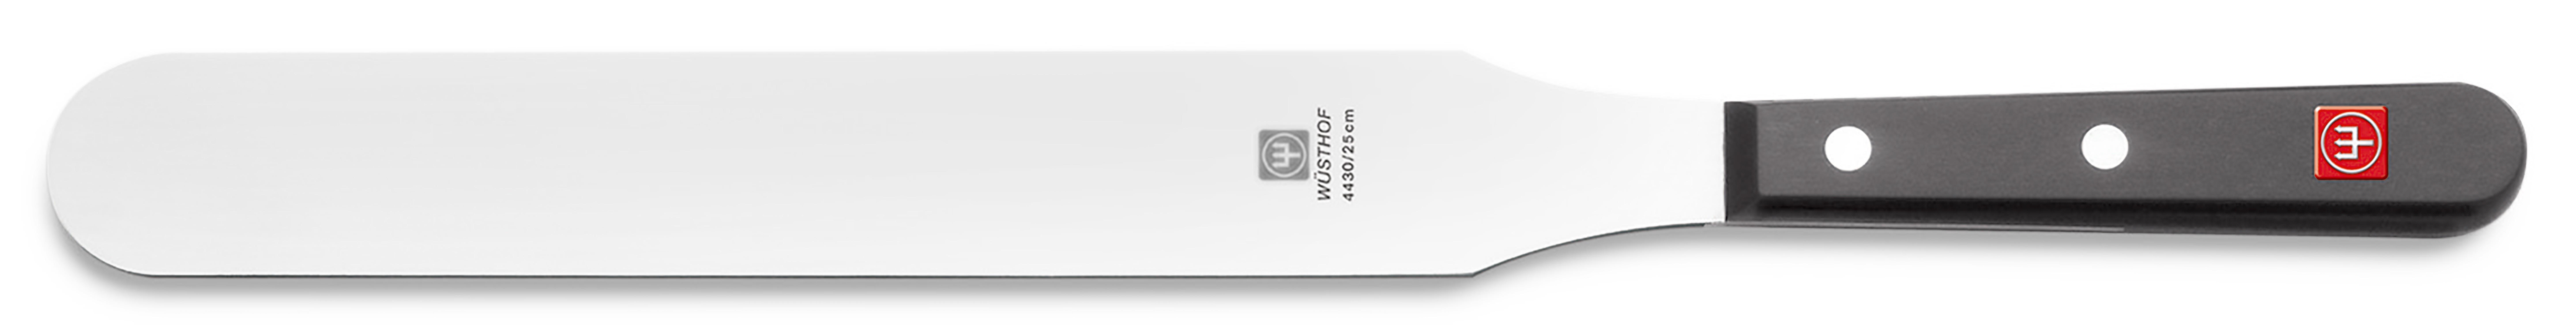 Wüsthof GOURMET Palette 25cm